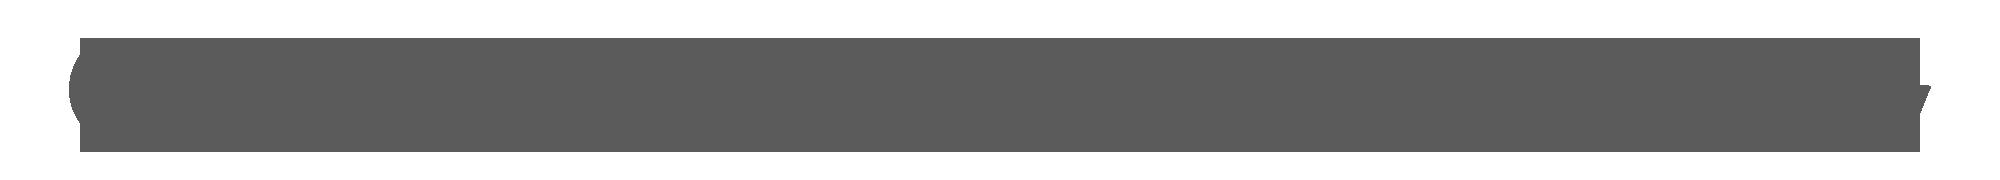 tumb_logo1_gray